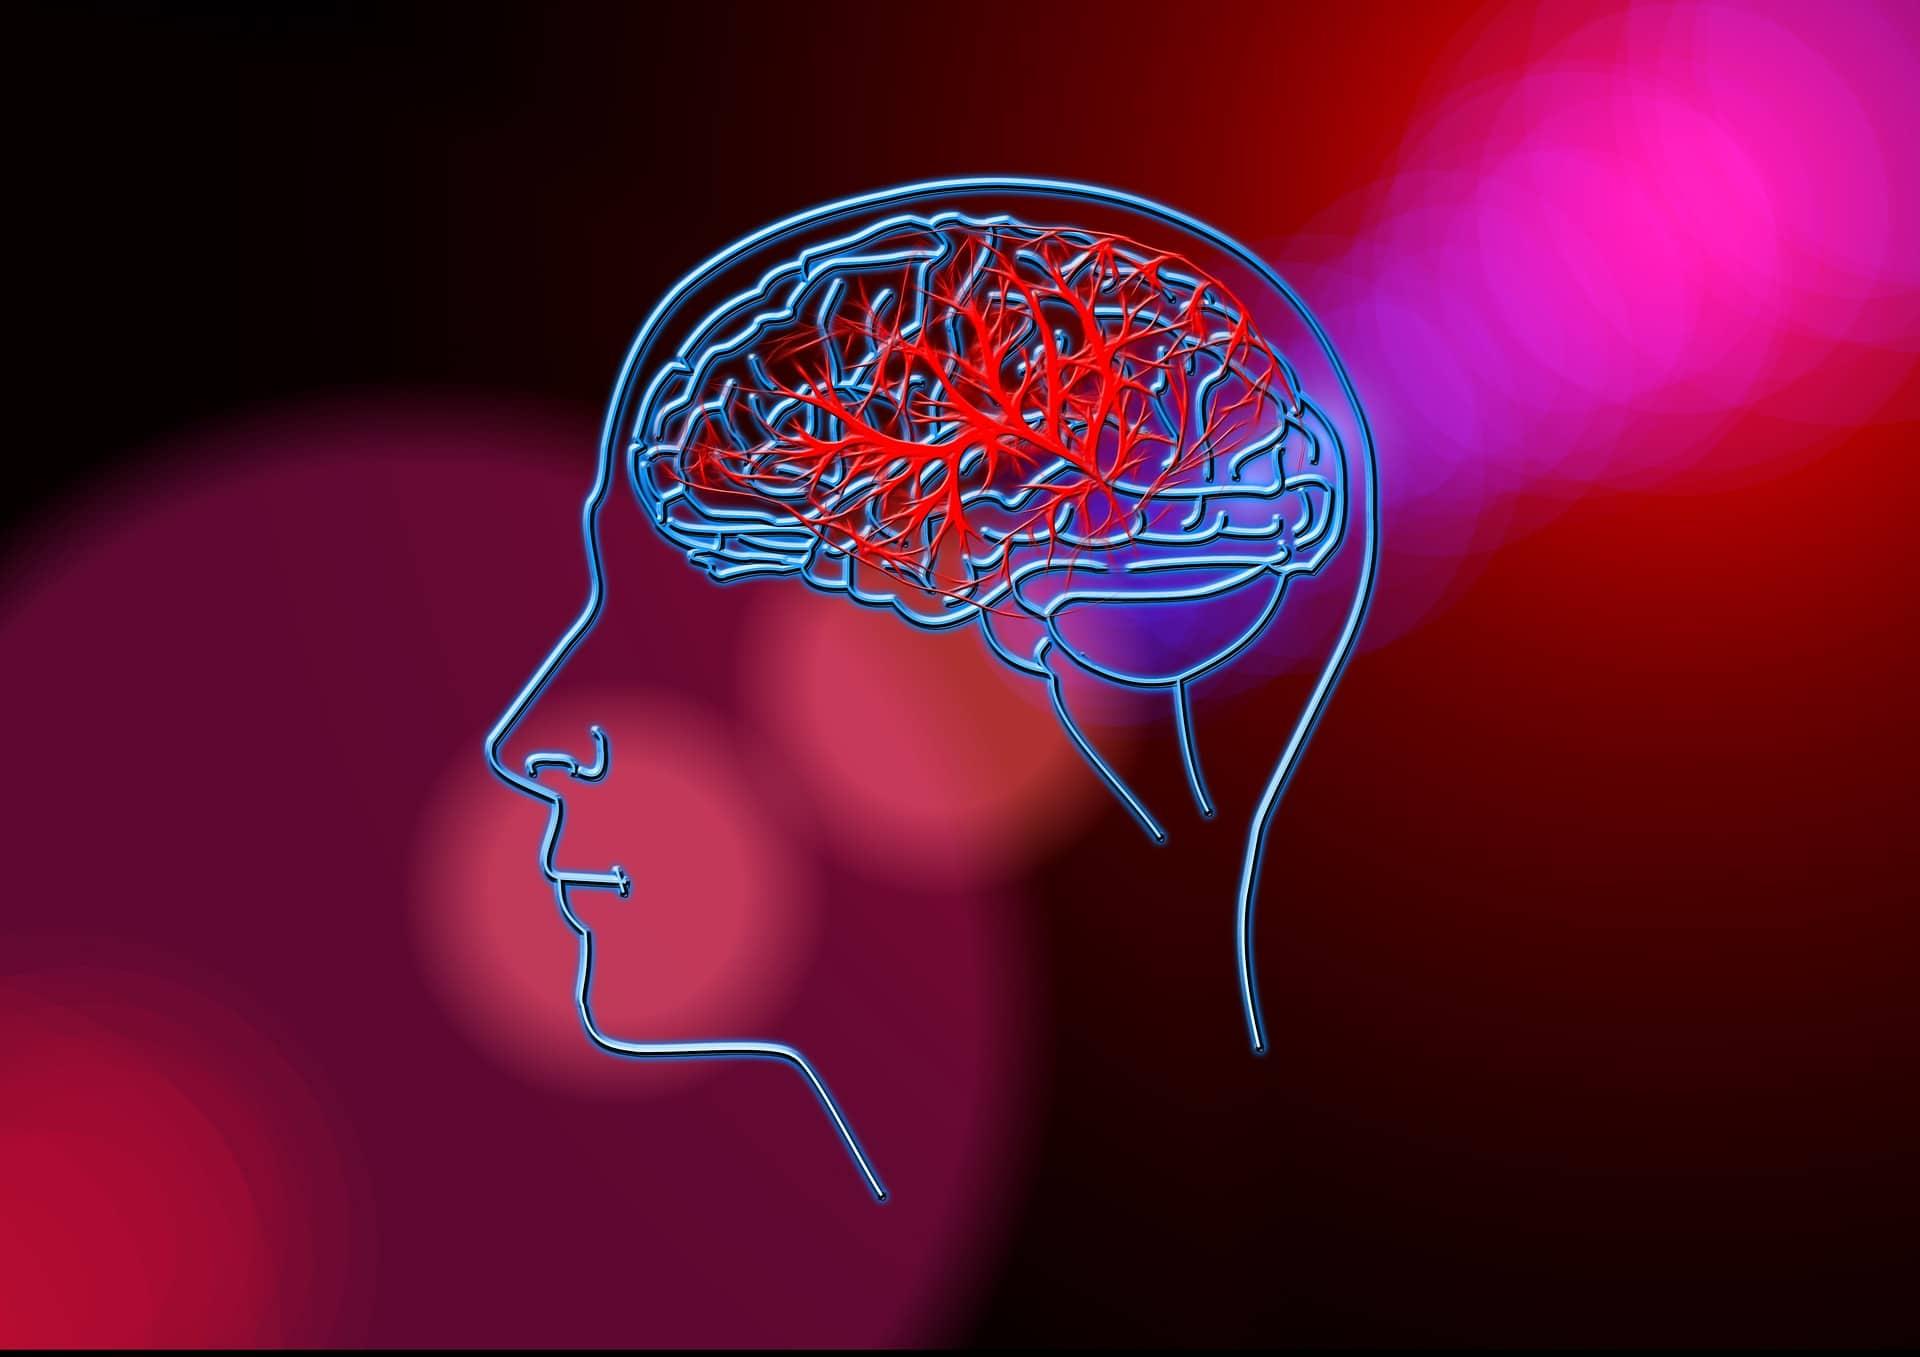 La prima interfaccia cervello-computer (BCI) per la riabilitazione post ictus. Credits: fisioterapiagm